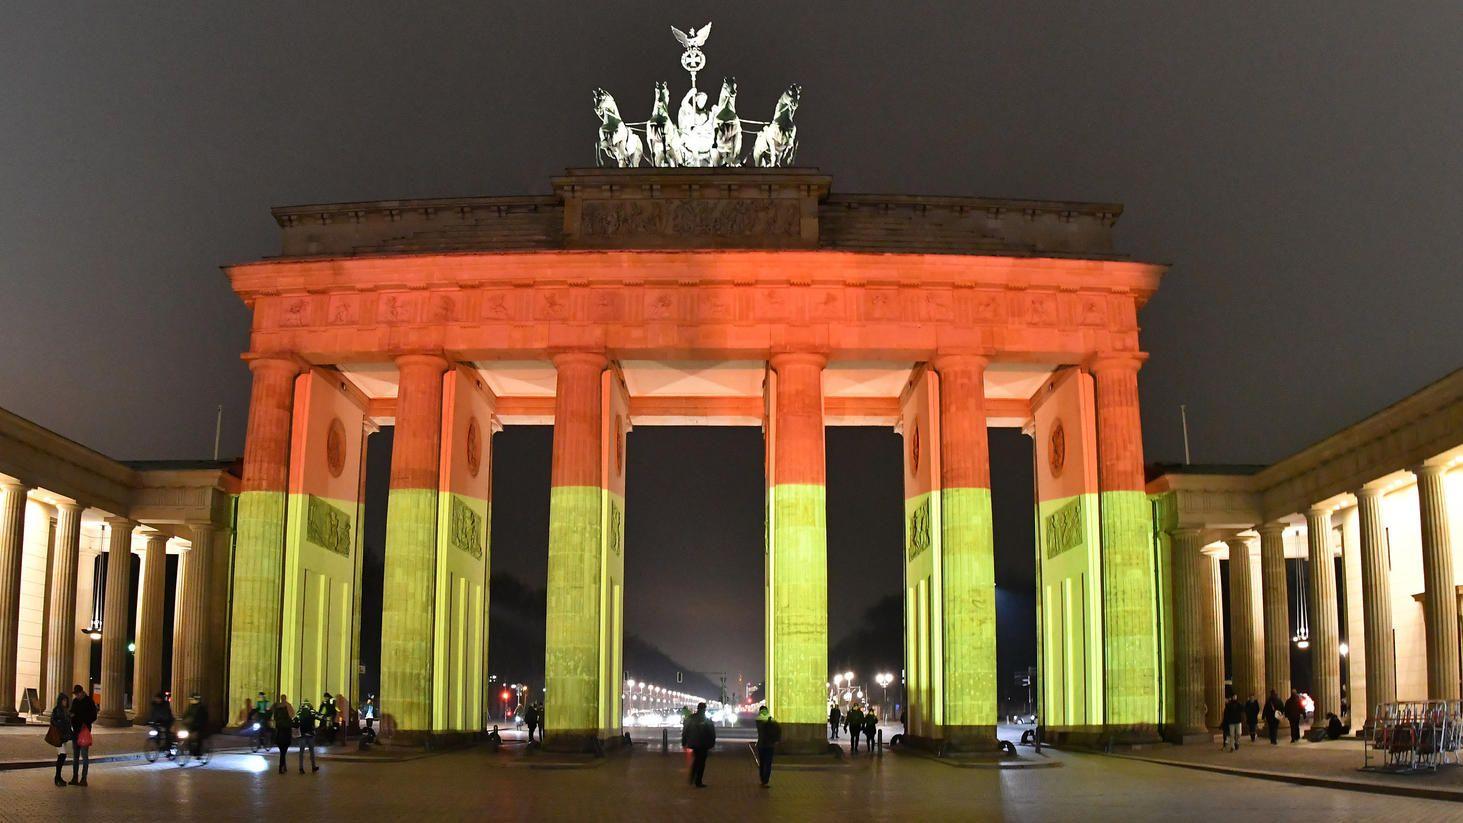 Deutschland Steht Zusammen Brandenburger Tor Erstrahlt In Brandenburger Tor Rot Schwarz Gold Deutschland Berlin Leuchtet In 2020 Germany Emissions Home Decor